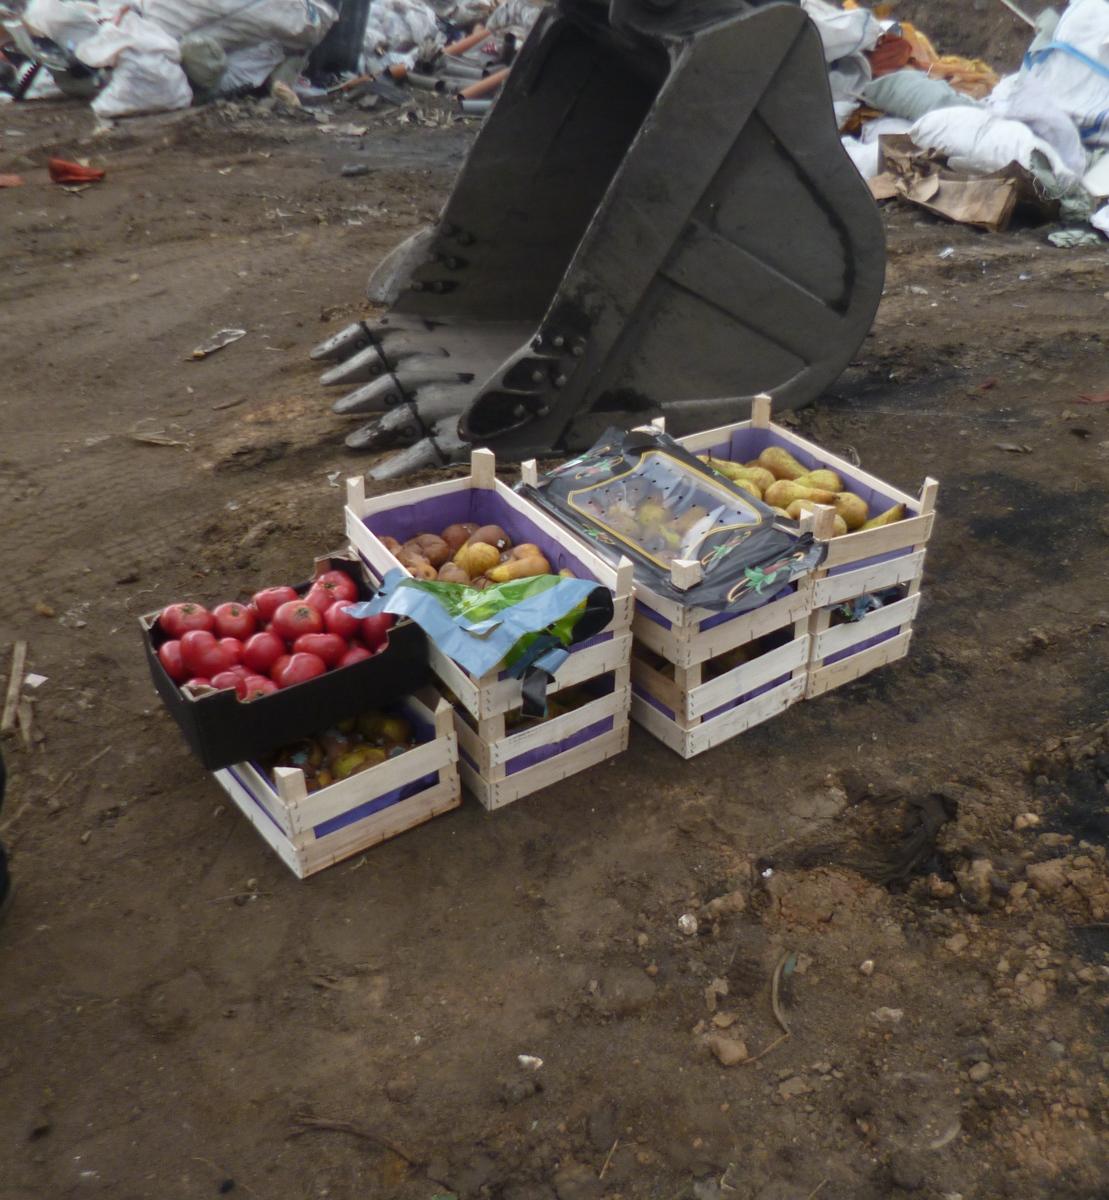 В Ярославле уничтожили 85 килограммов санкционных груш и томатов